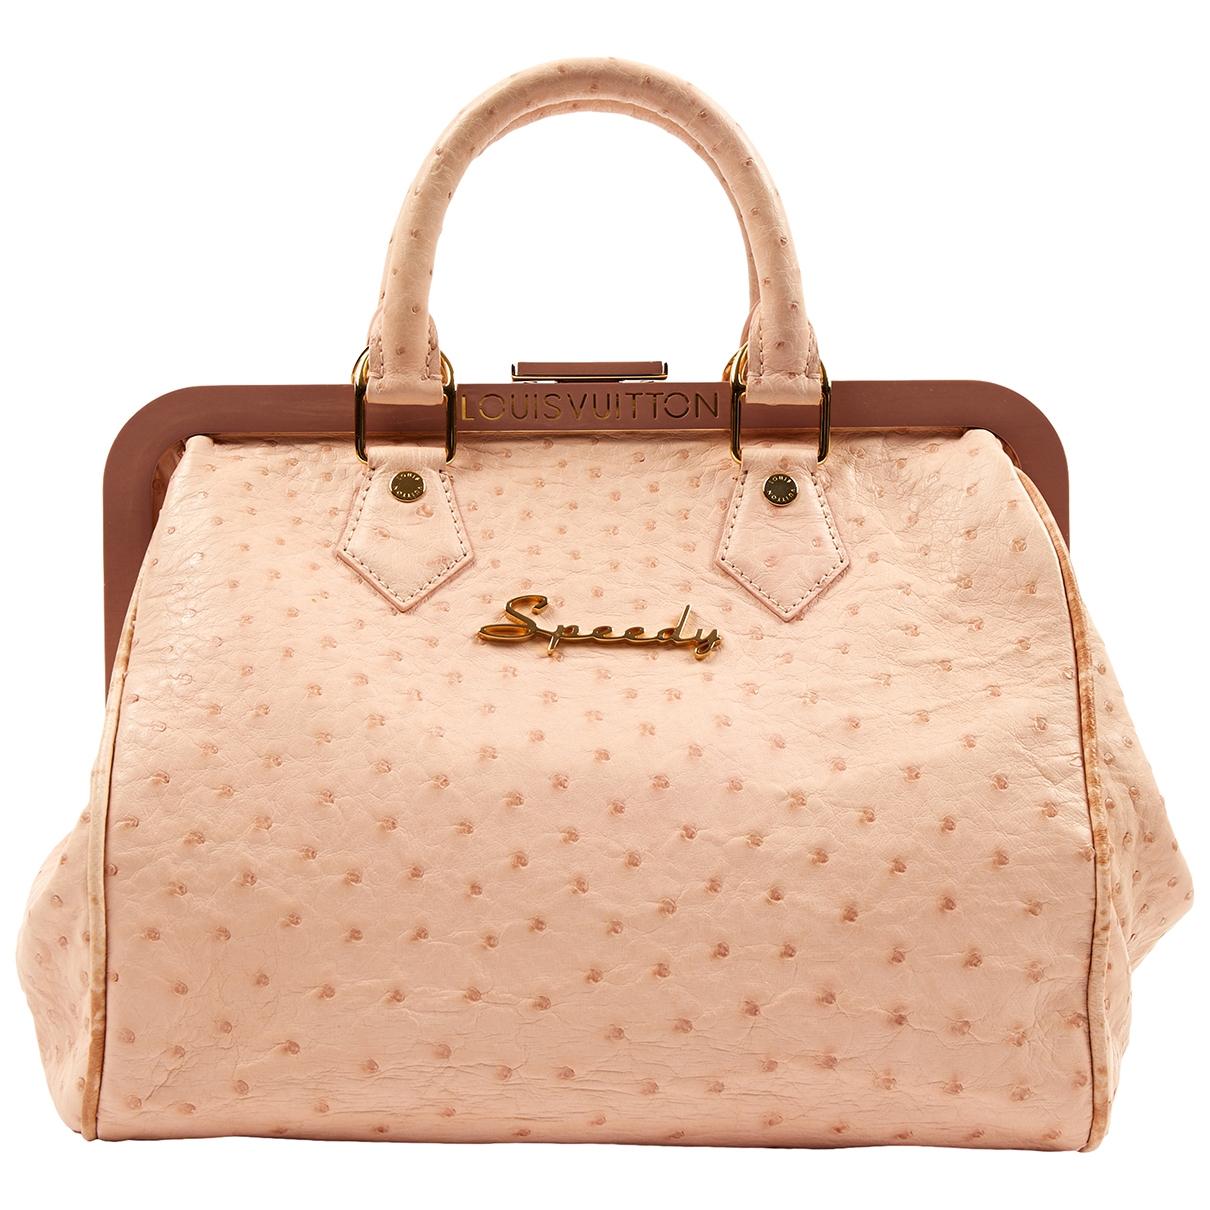 Louis Vuitton Speedy Handtasche in  Rosa Vogelstrauss